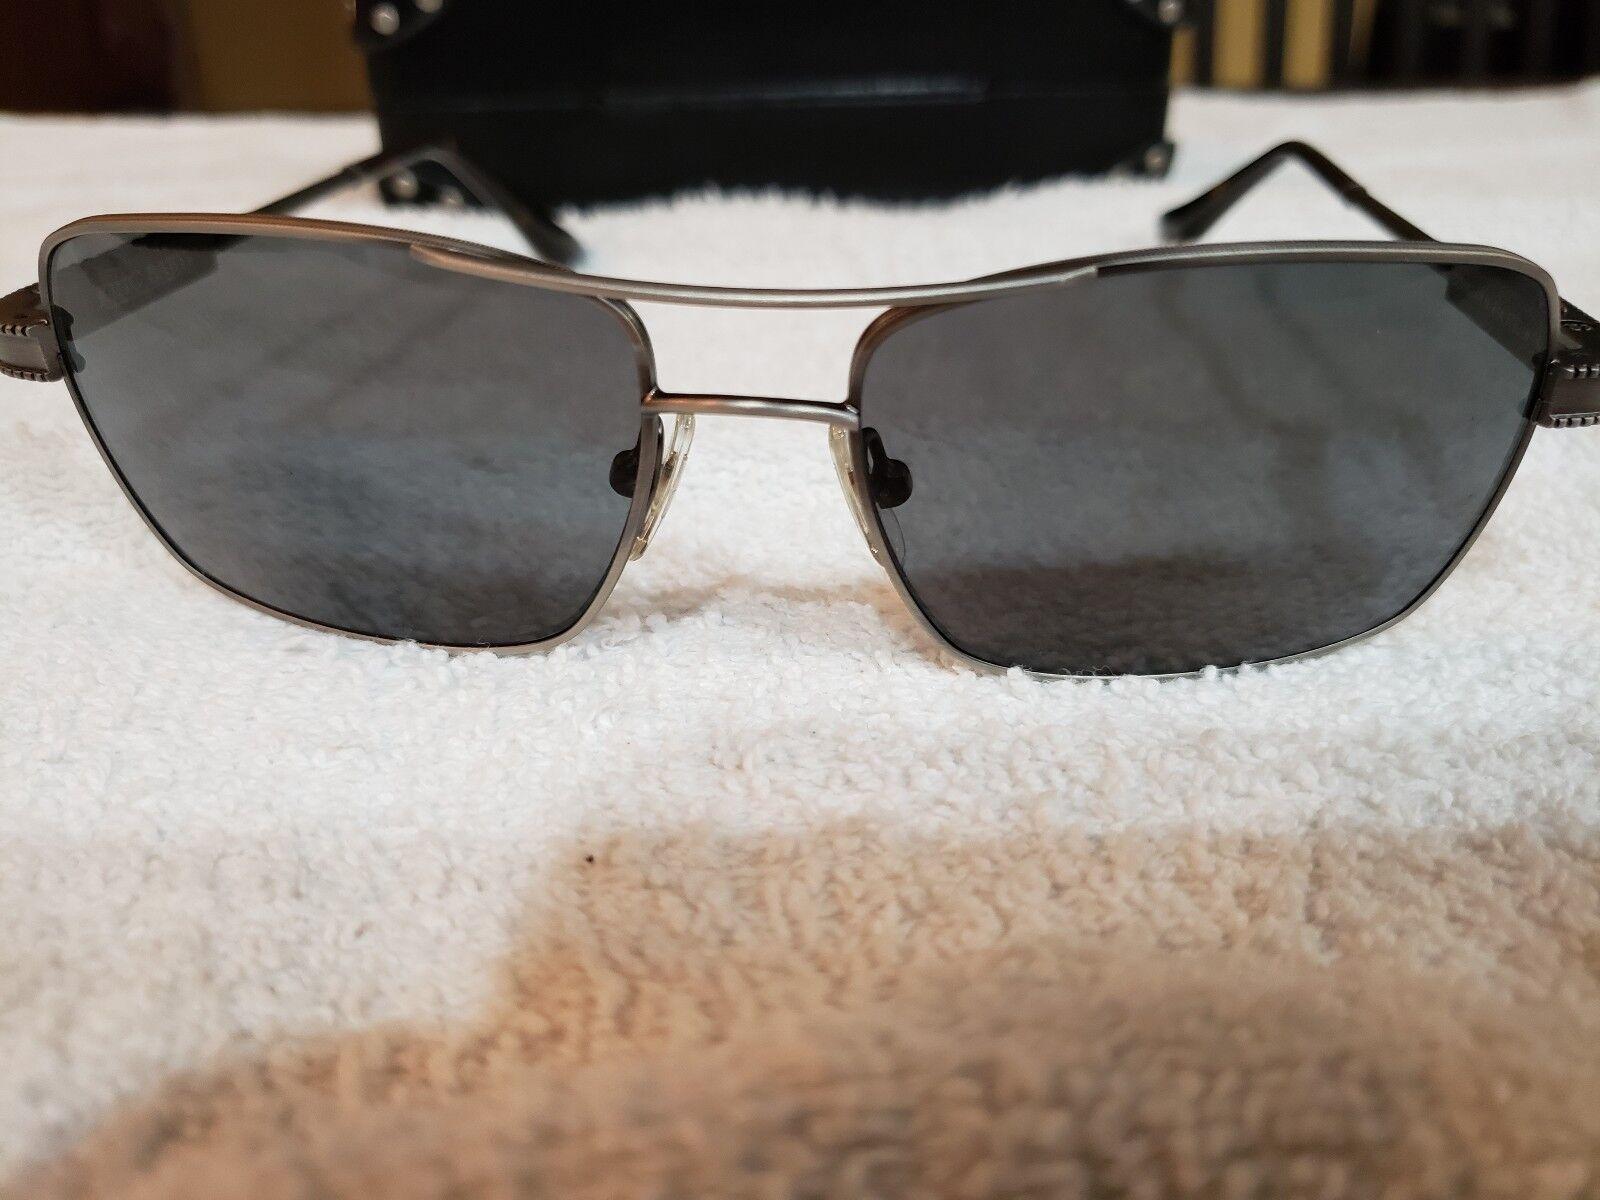 Темные очки унисекс King Baby Coinstar Navigator Sunglasses - 113302727302  - купить на eBay.com (США) с доставкой в Украину   Megazakaz.com 203cef0409a